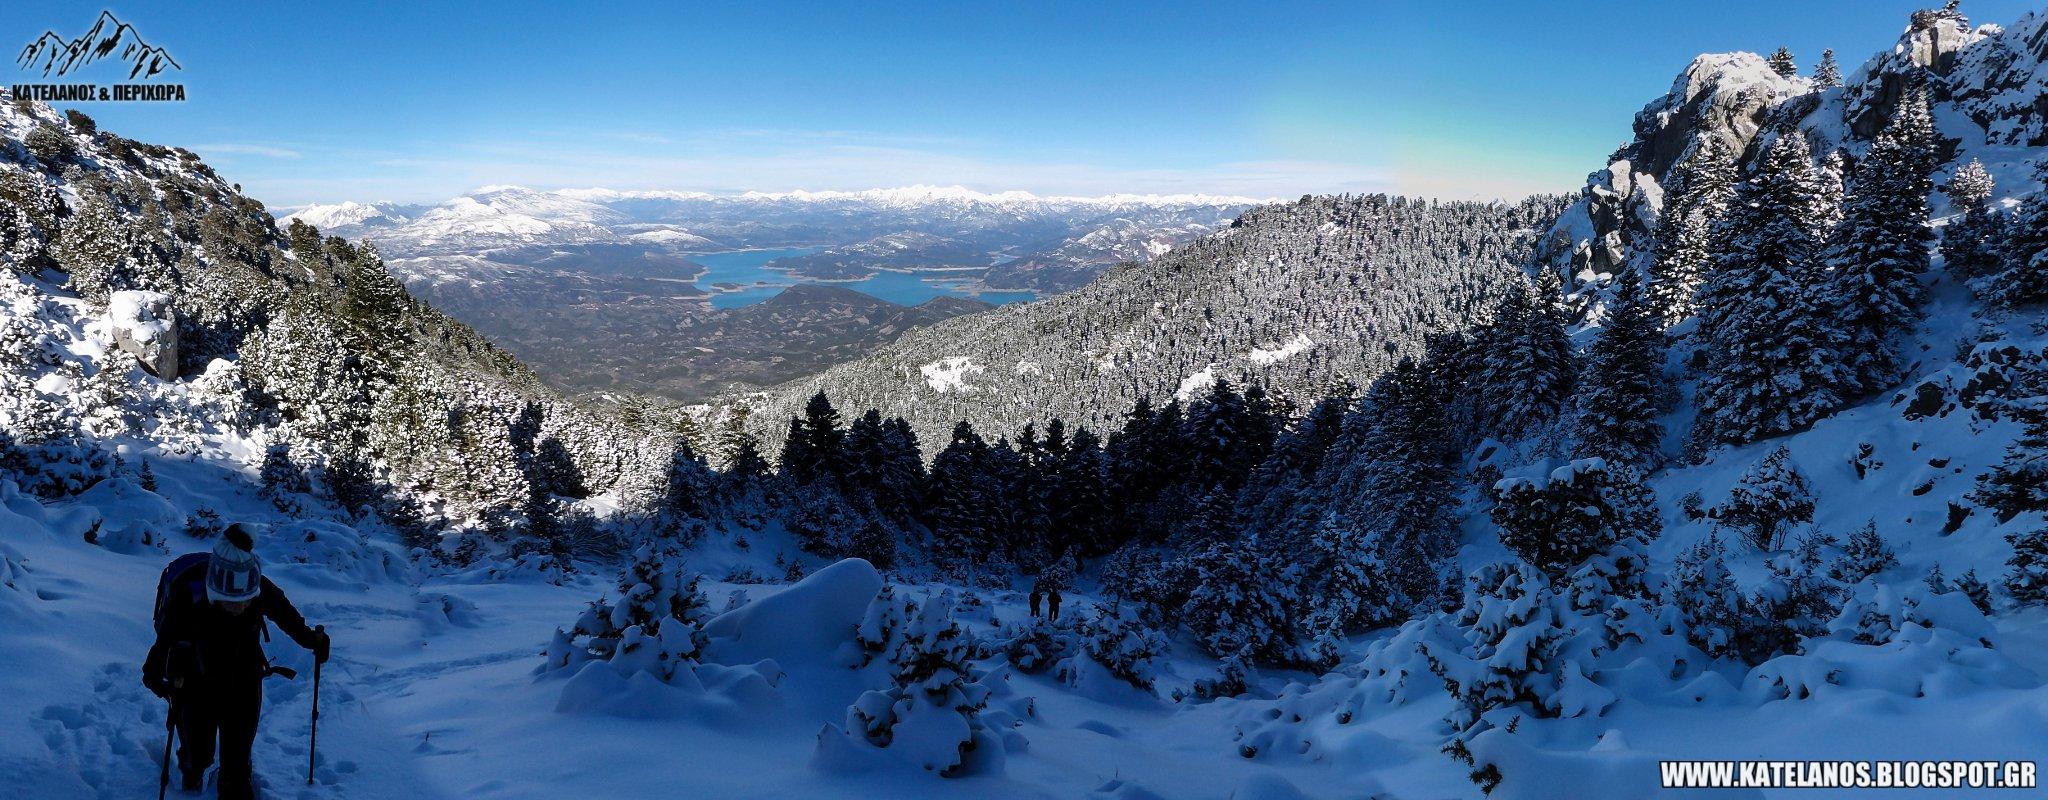 προφητης ηλιας ανω αγιου βλασιου παναιτωλικο ορος χειμερινη αναβαση